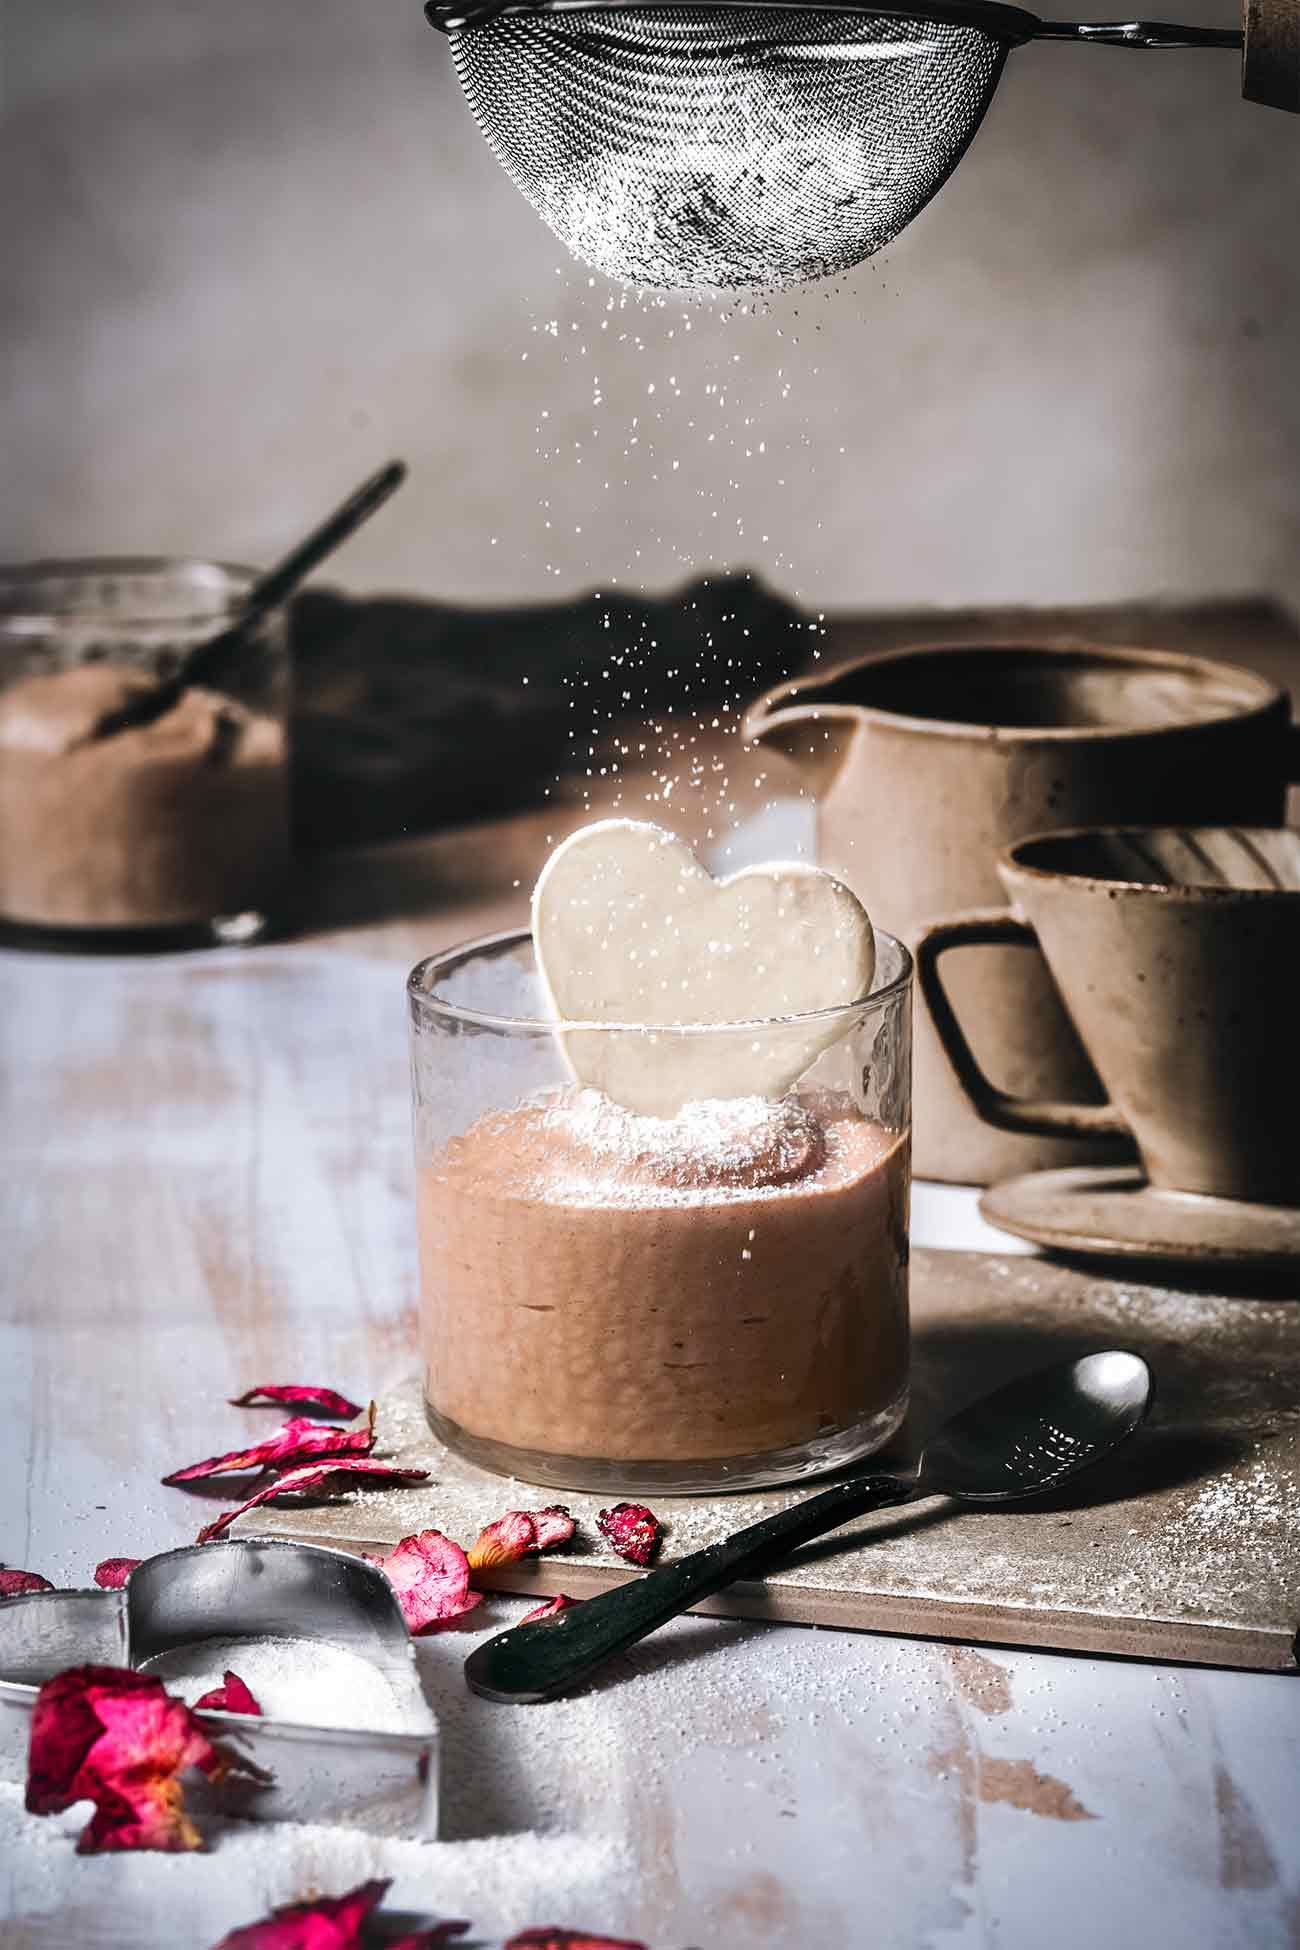 Bald ist Valentinstag und überall sind schon viele Köstlichkeiten in Herzform zu sehen. Du brauchst übrigens nicht unbedingt einen Grund wie einen Valentinstag, um jemanden eine Freude zu machen, denn die Wertschätzung darf jeden Tag stattfinden. Nur wenn du diesen einen Tag als Grund brauchst, ist es eigentlich Zeit zu gehen. Die Toblerone Mousse schmeckt jeden Tag richtig lecker und das Herzchen aus weißer Schokolade ist flott gemacht. Also los….